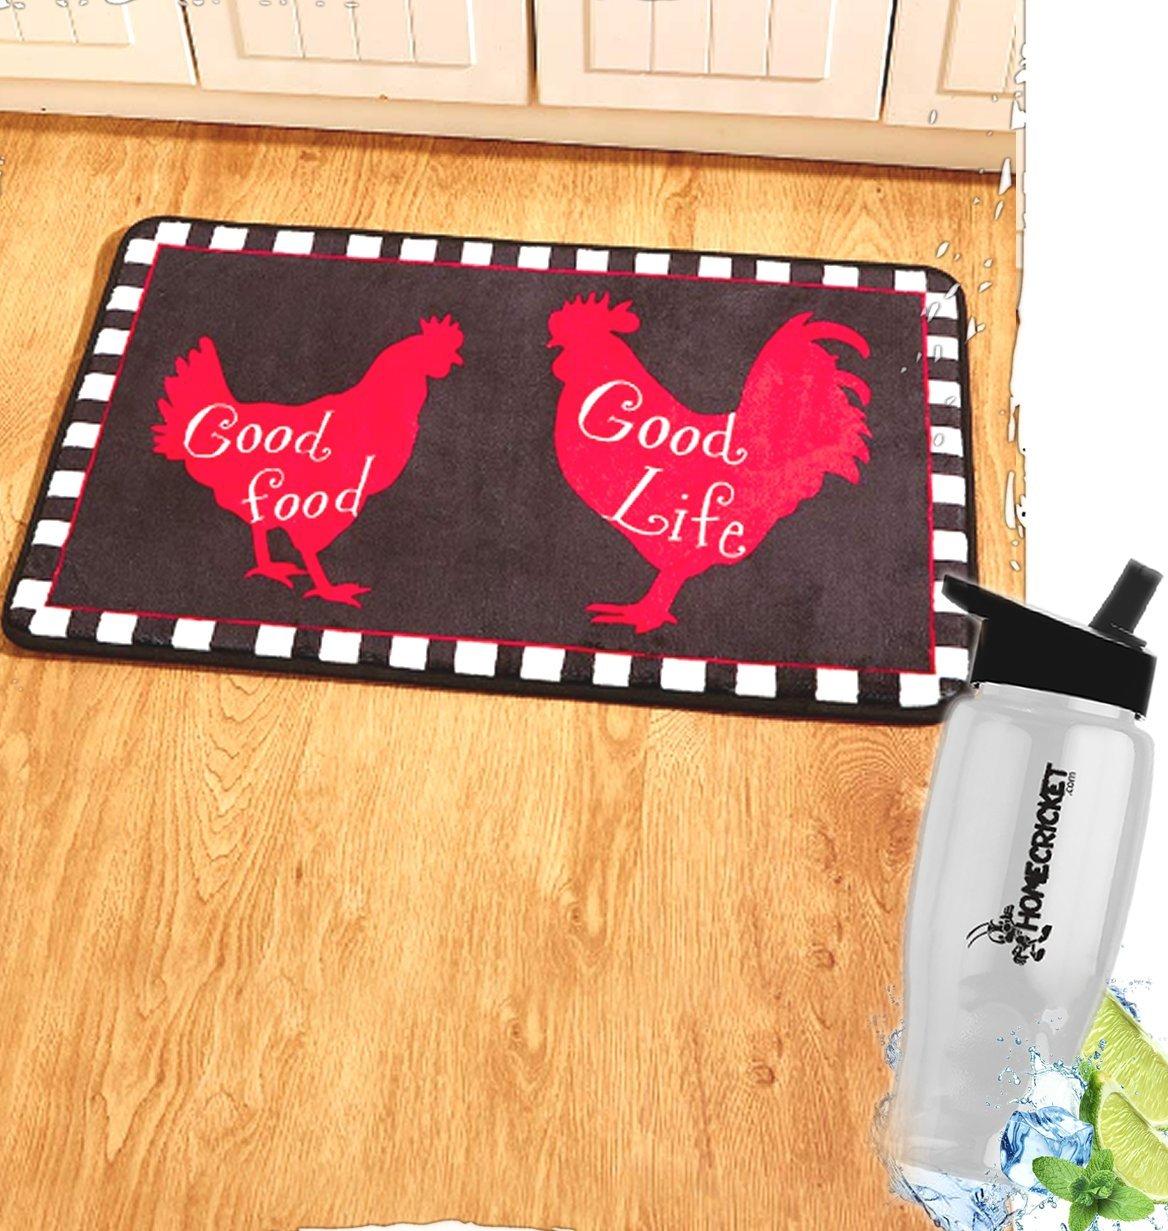 ギフトincluded-国Farmhouse Kitchen Good Food Good Life Rooster Rugキッチンマットカーペット+フリーボーナス水ボトルbyホームクリケットHomeCricket   B07D6FV7D8